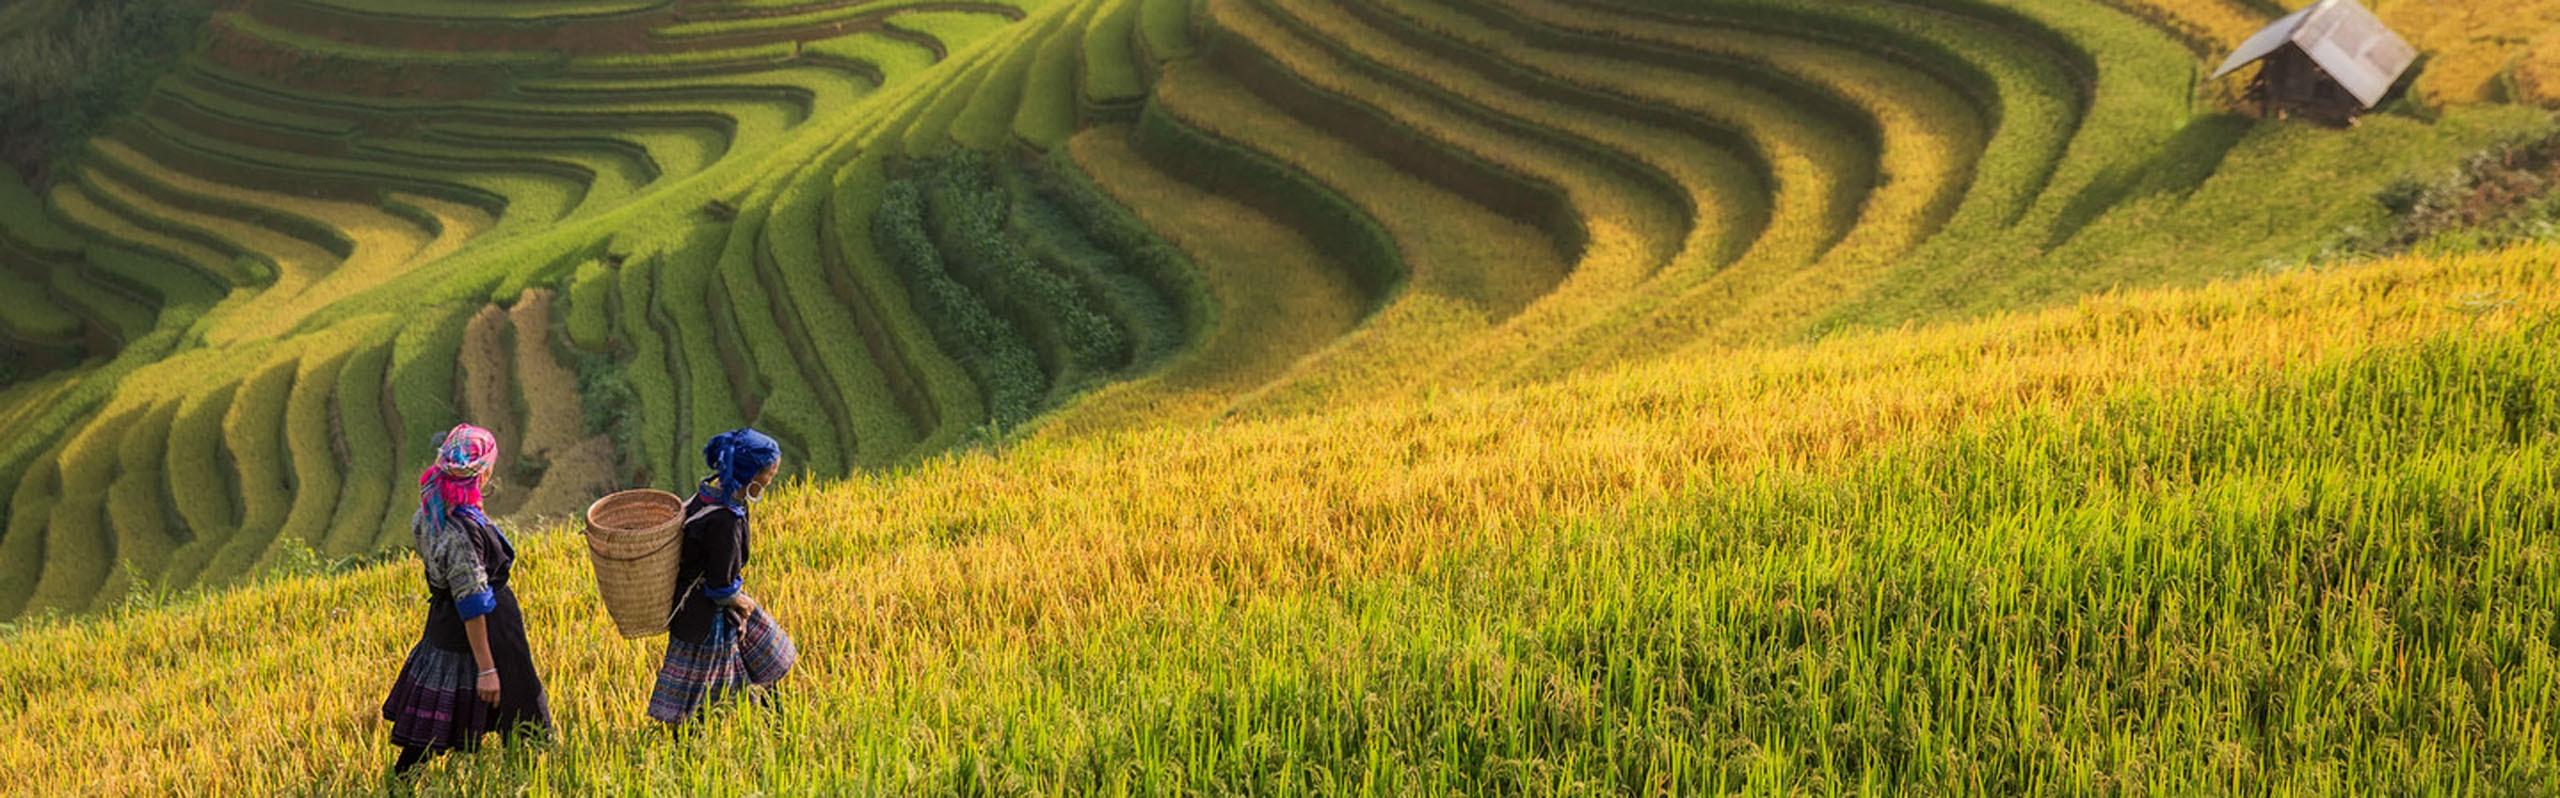 Villages in Vietnam